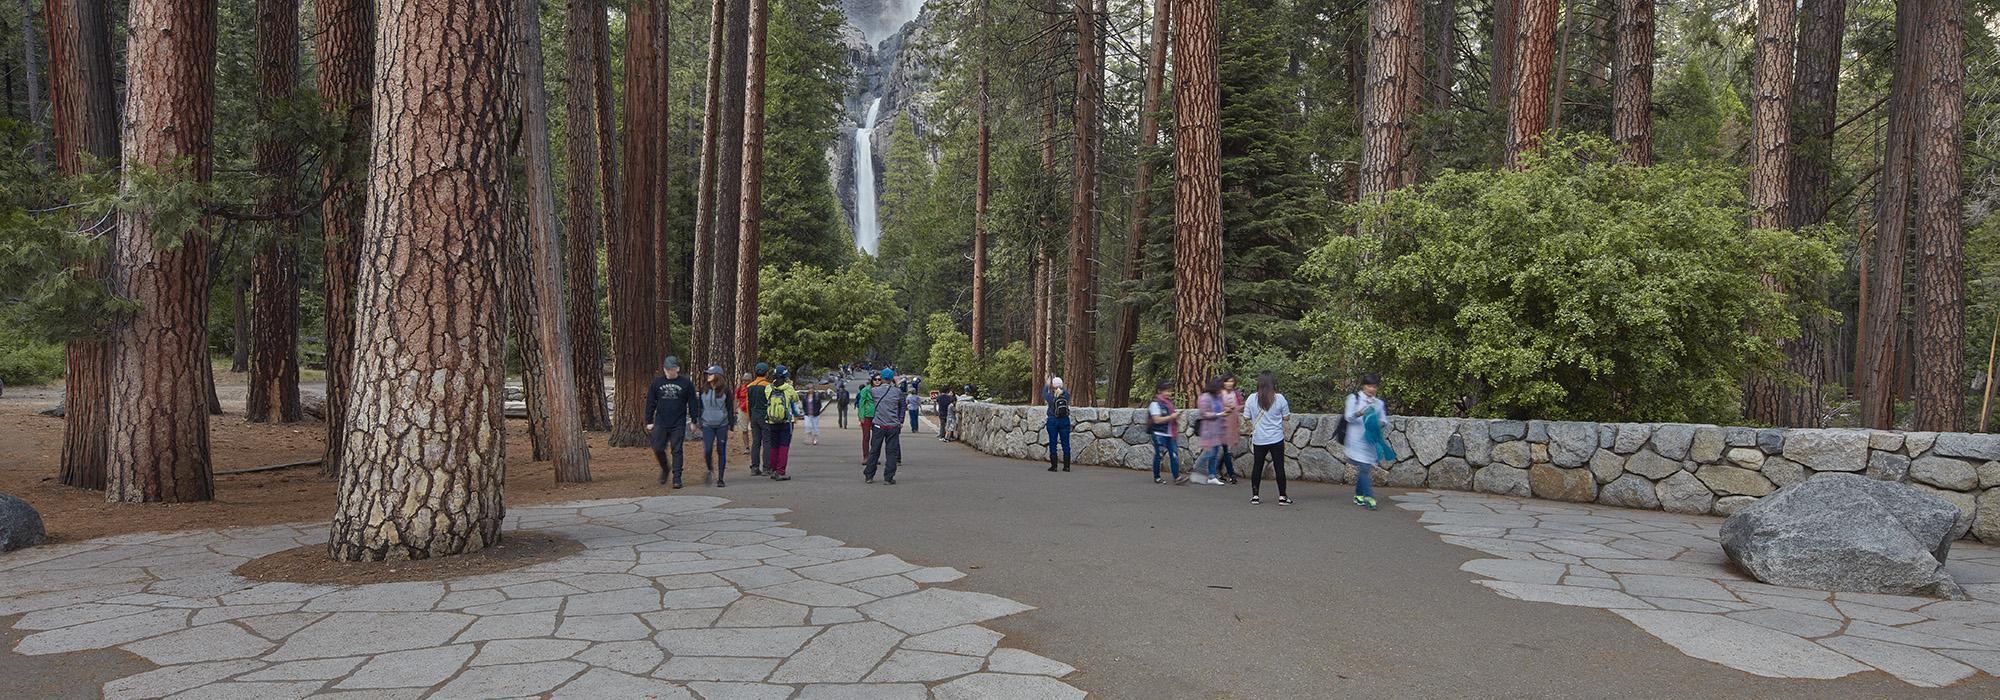 YosemiteFallsCorridor_hero_©PhillipBond_2016.jpg